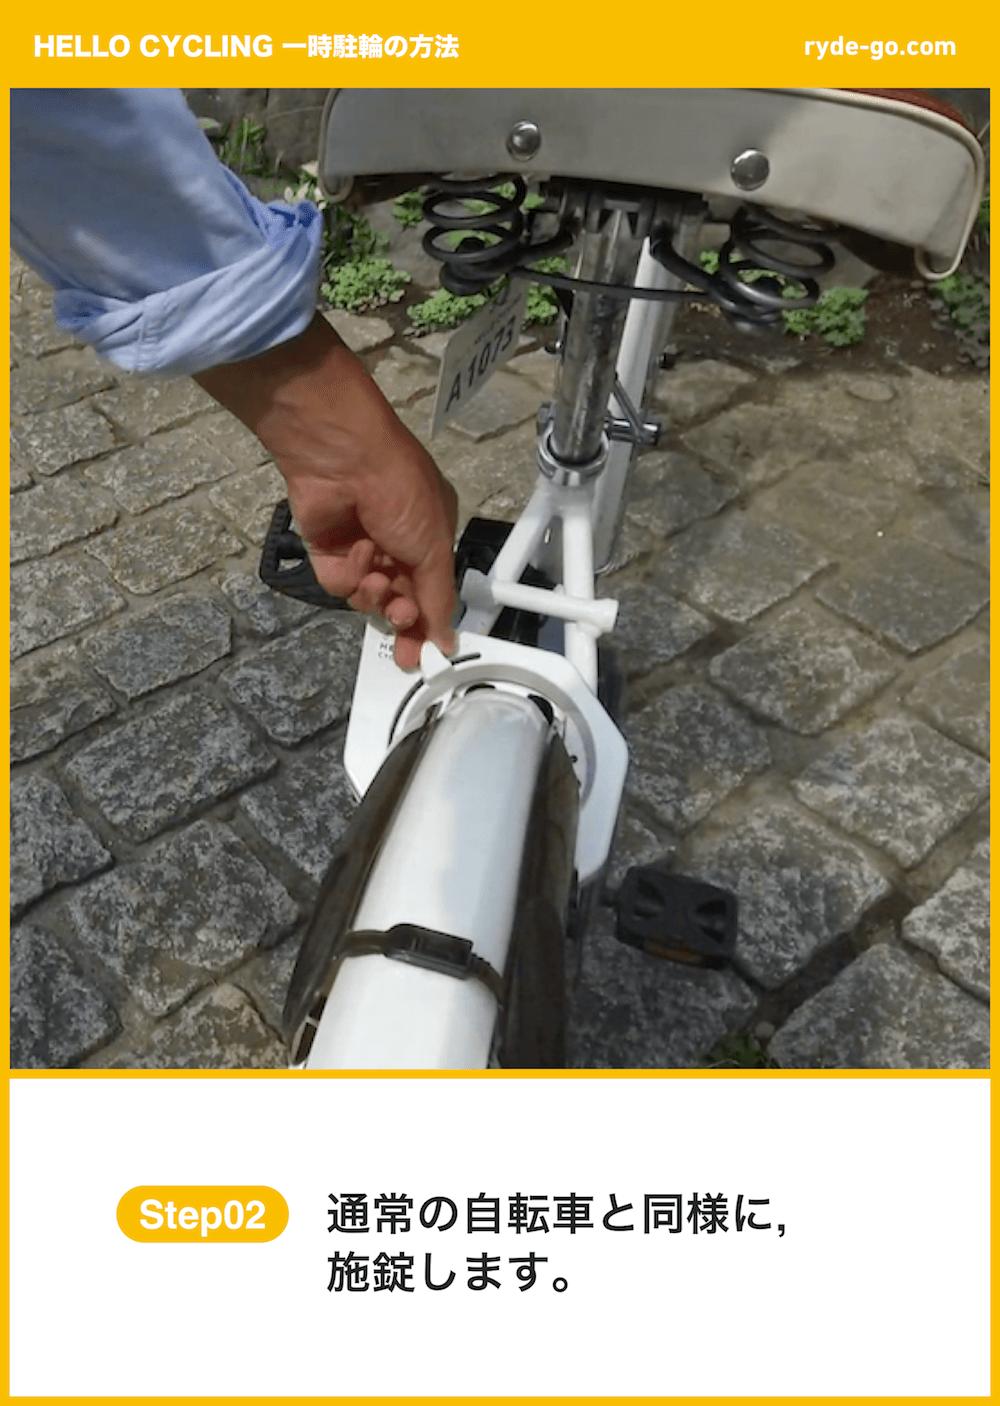 ハローサイクリング 手動で施錠